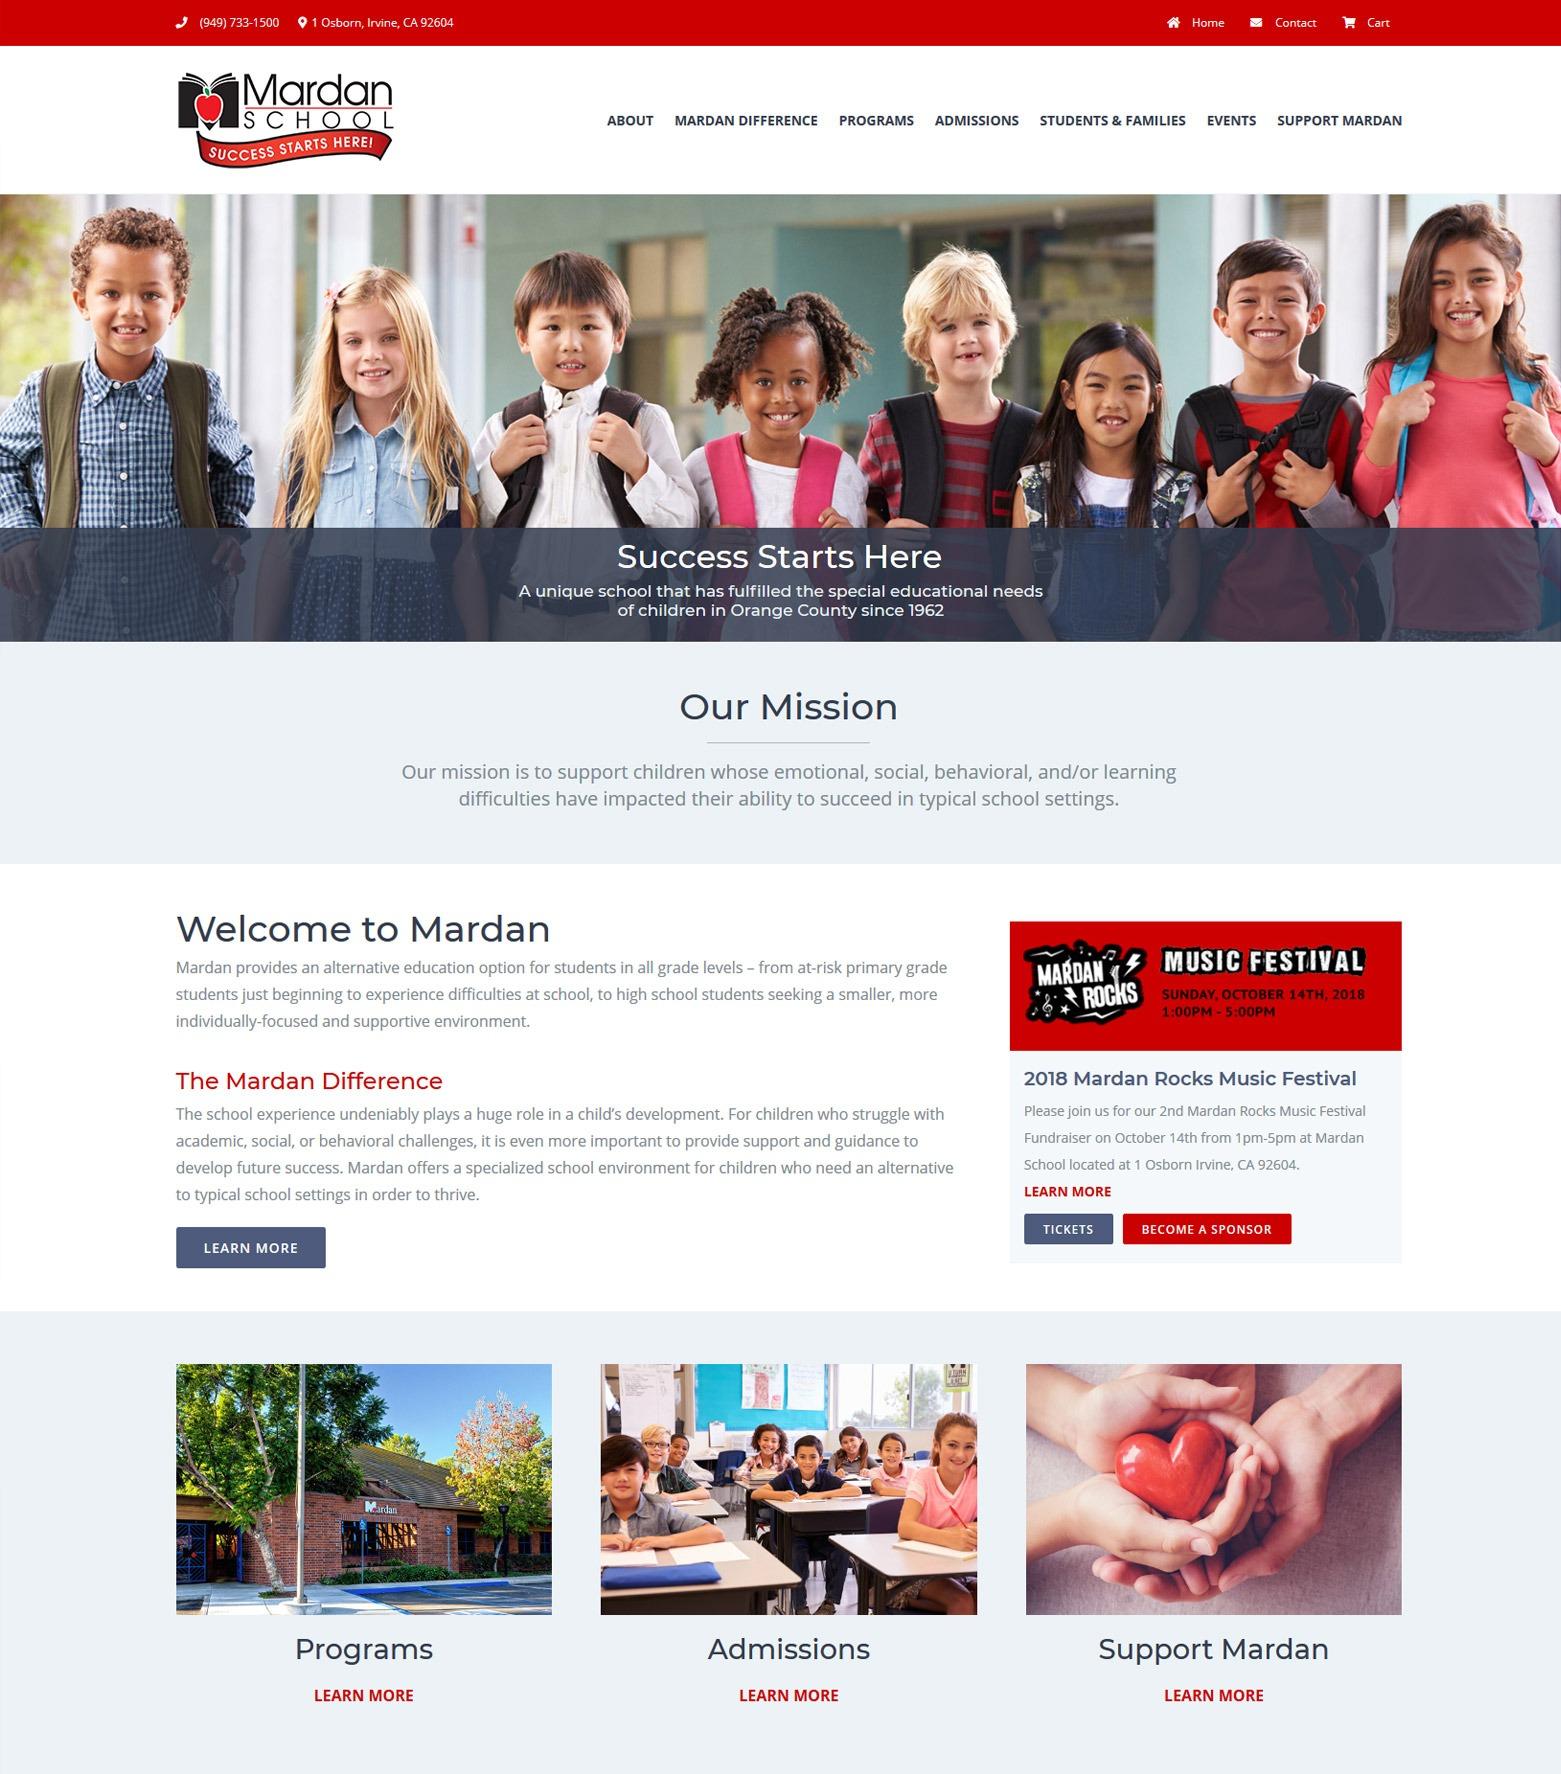 Los Angeles Private School Web Design Company